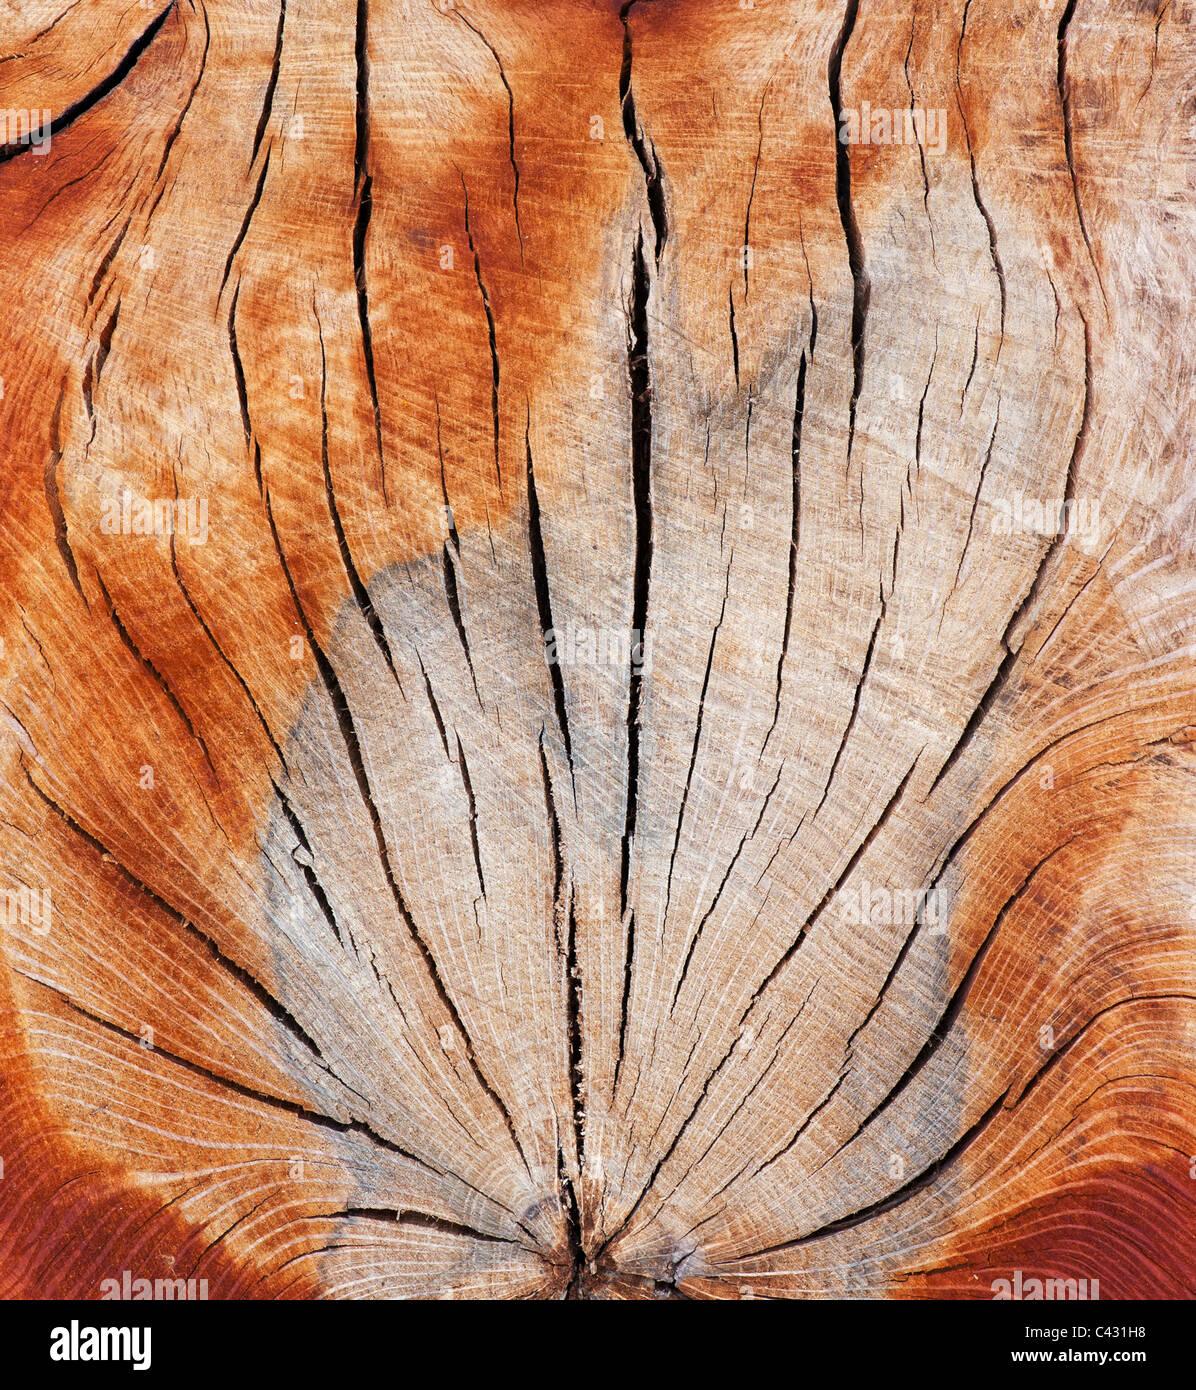 Split dead tree trunk pattern - Stock Image